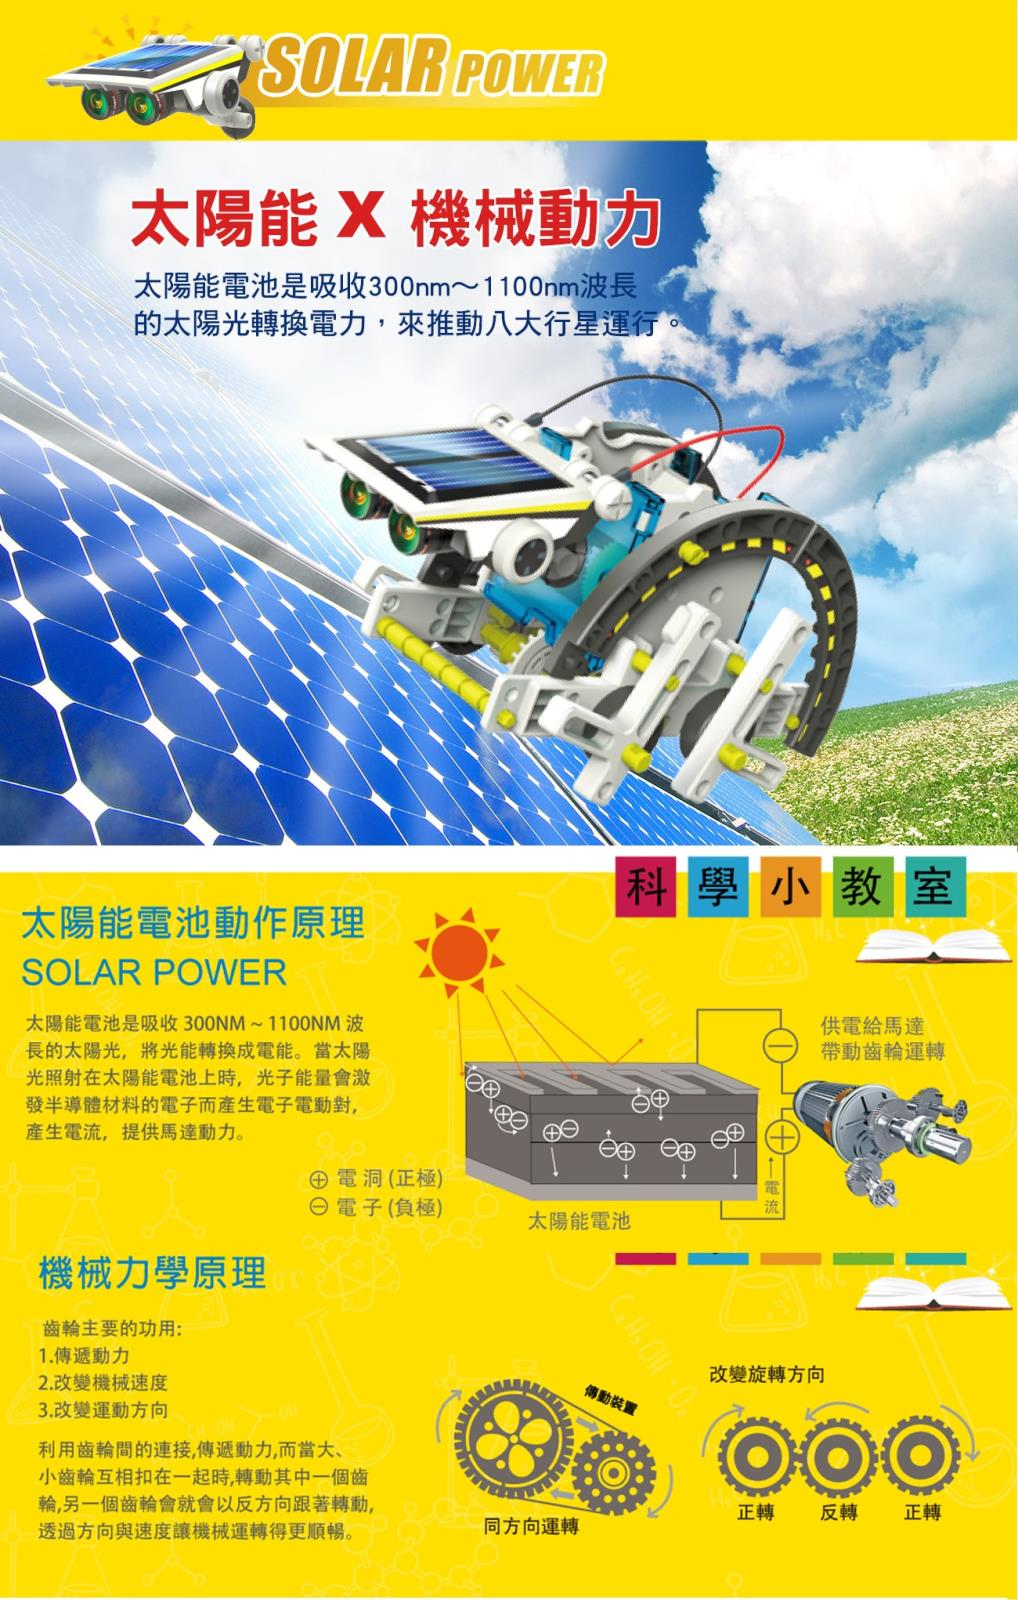 14合1太陽能變形機器人